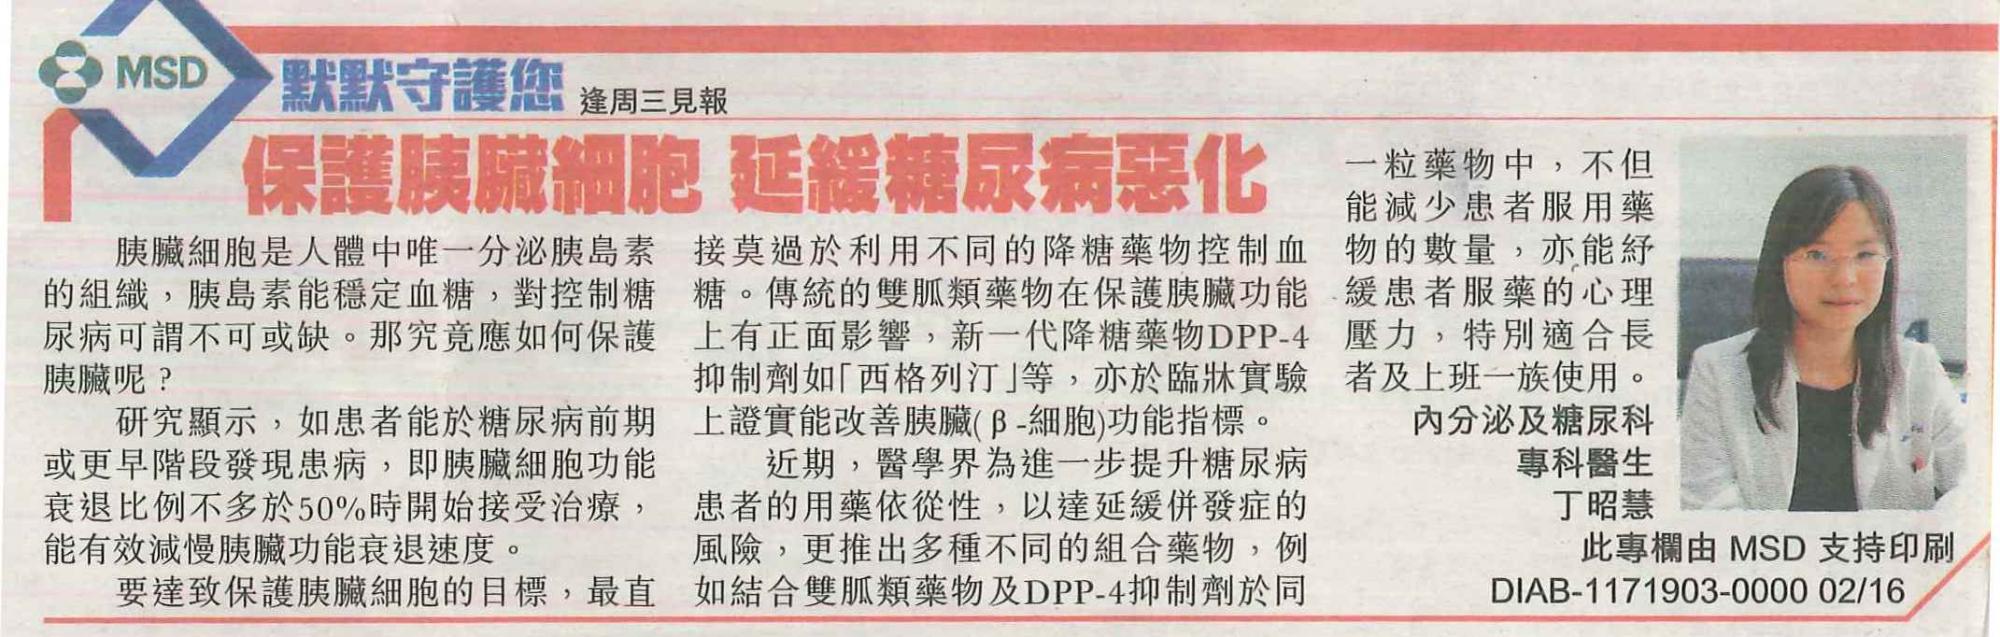 頭條日報「保護胰臟細胞 延緩糖尿病惡化」